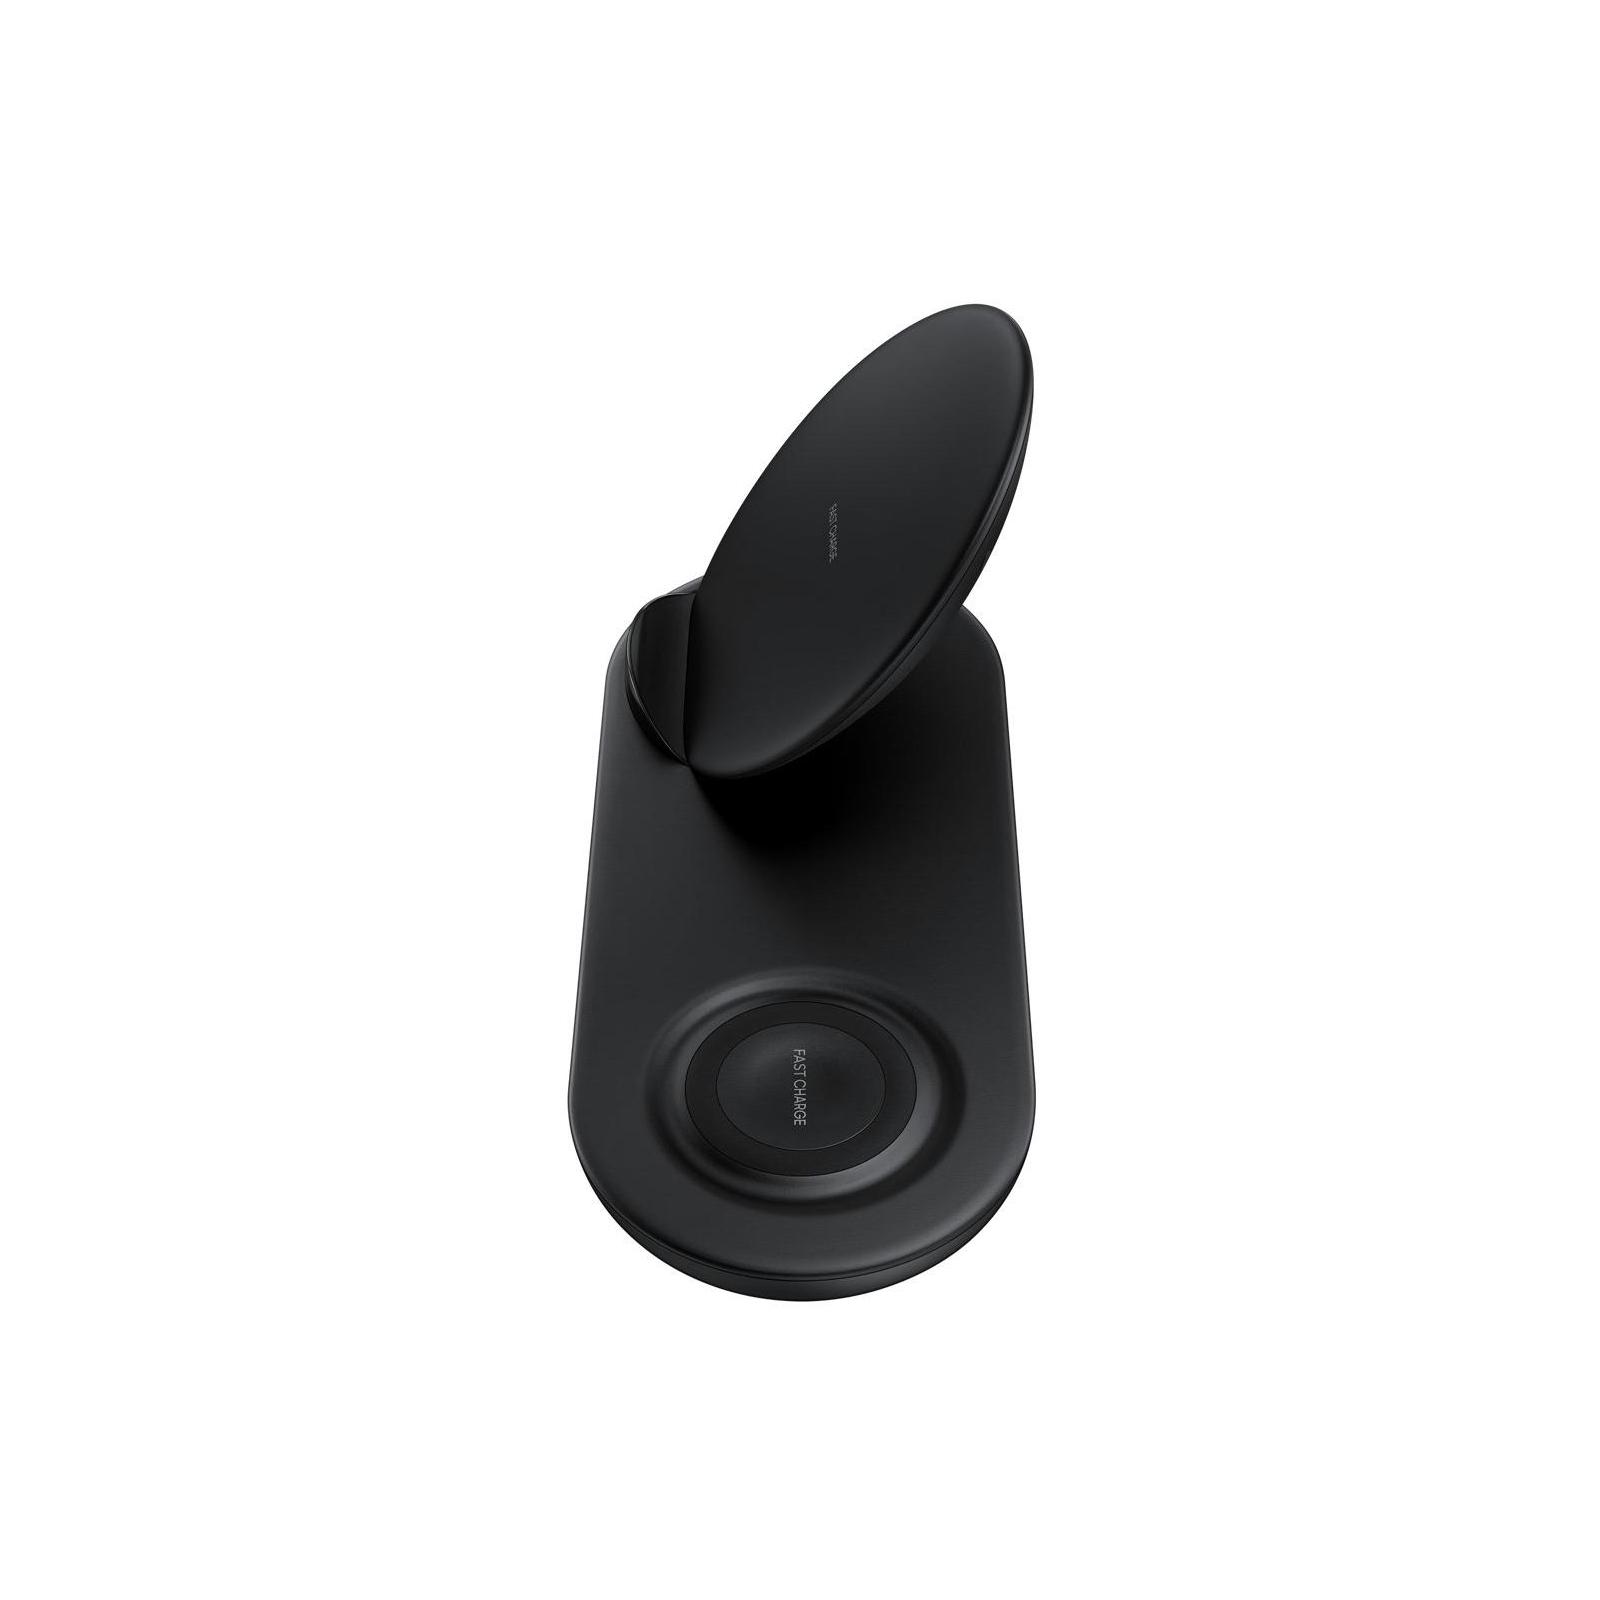 Зарядное устройство Samsung беспроводное Duo Wireless Charger Multi Black (EP-N6100TBRGRU) изображение 5